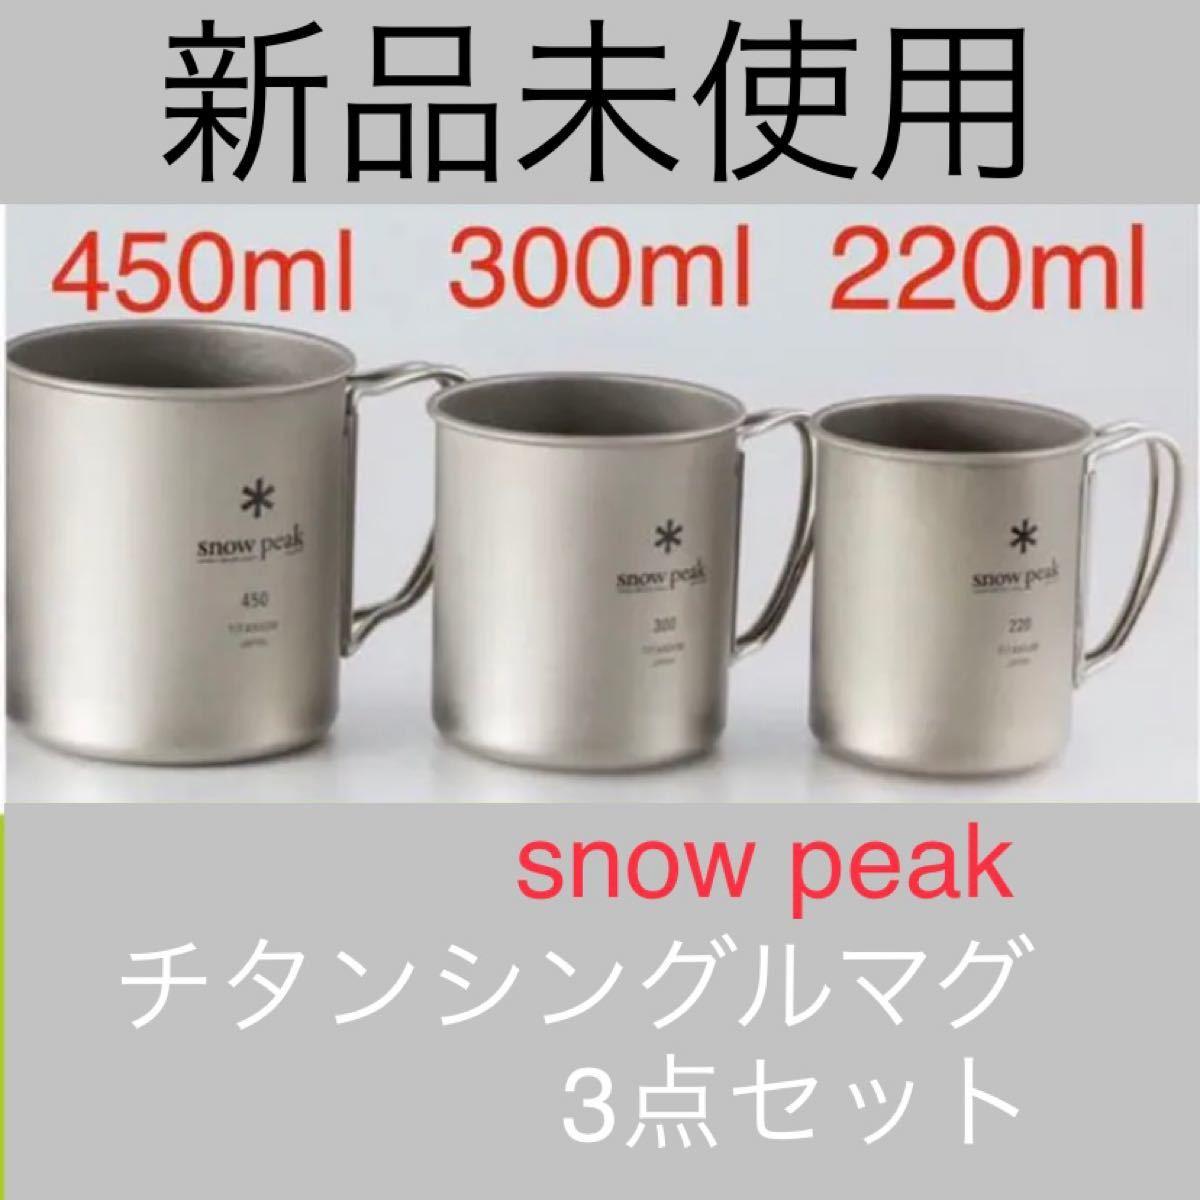 【新品未使用】スノーピーク チタンシングルマグ 300 450 220  snow peak マグカップ 3点セット